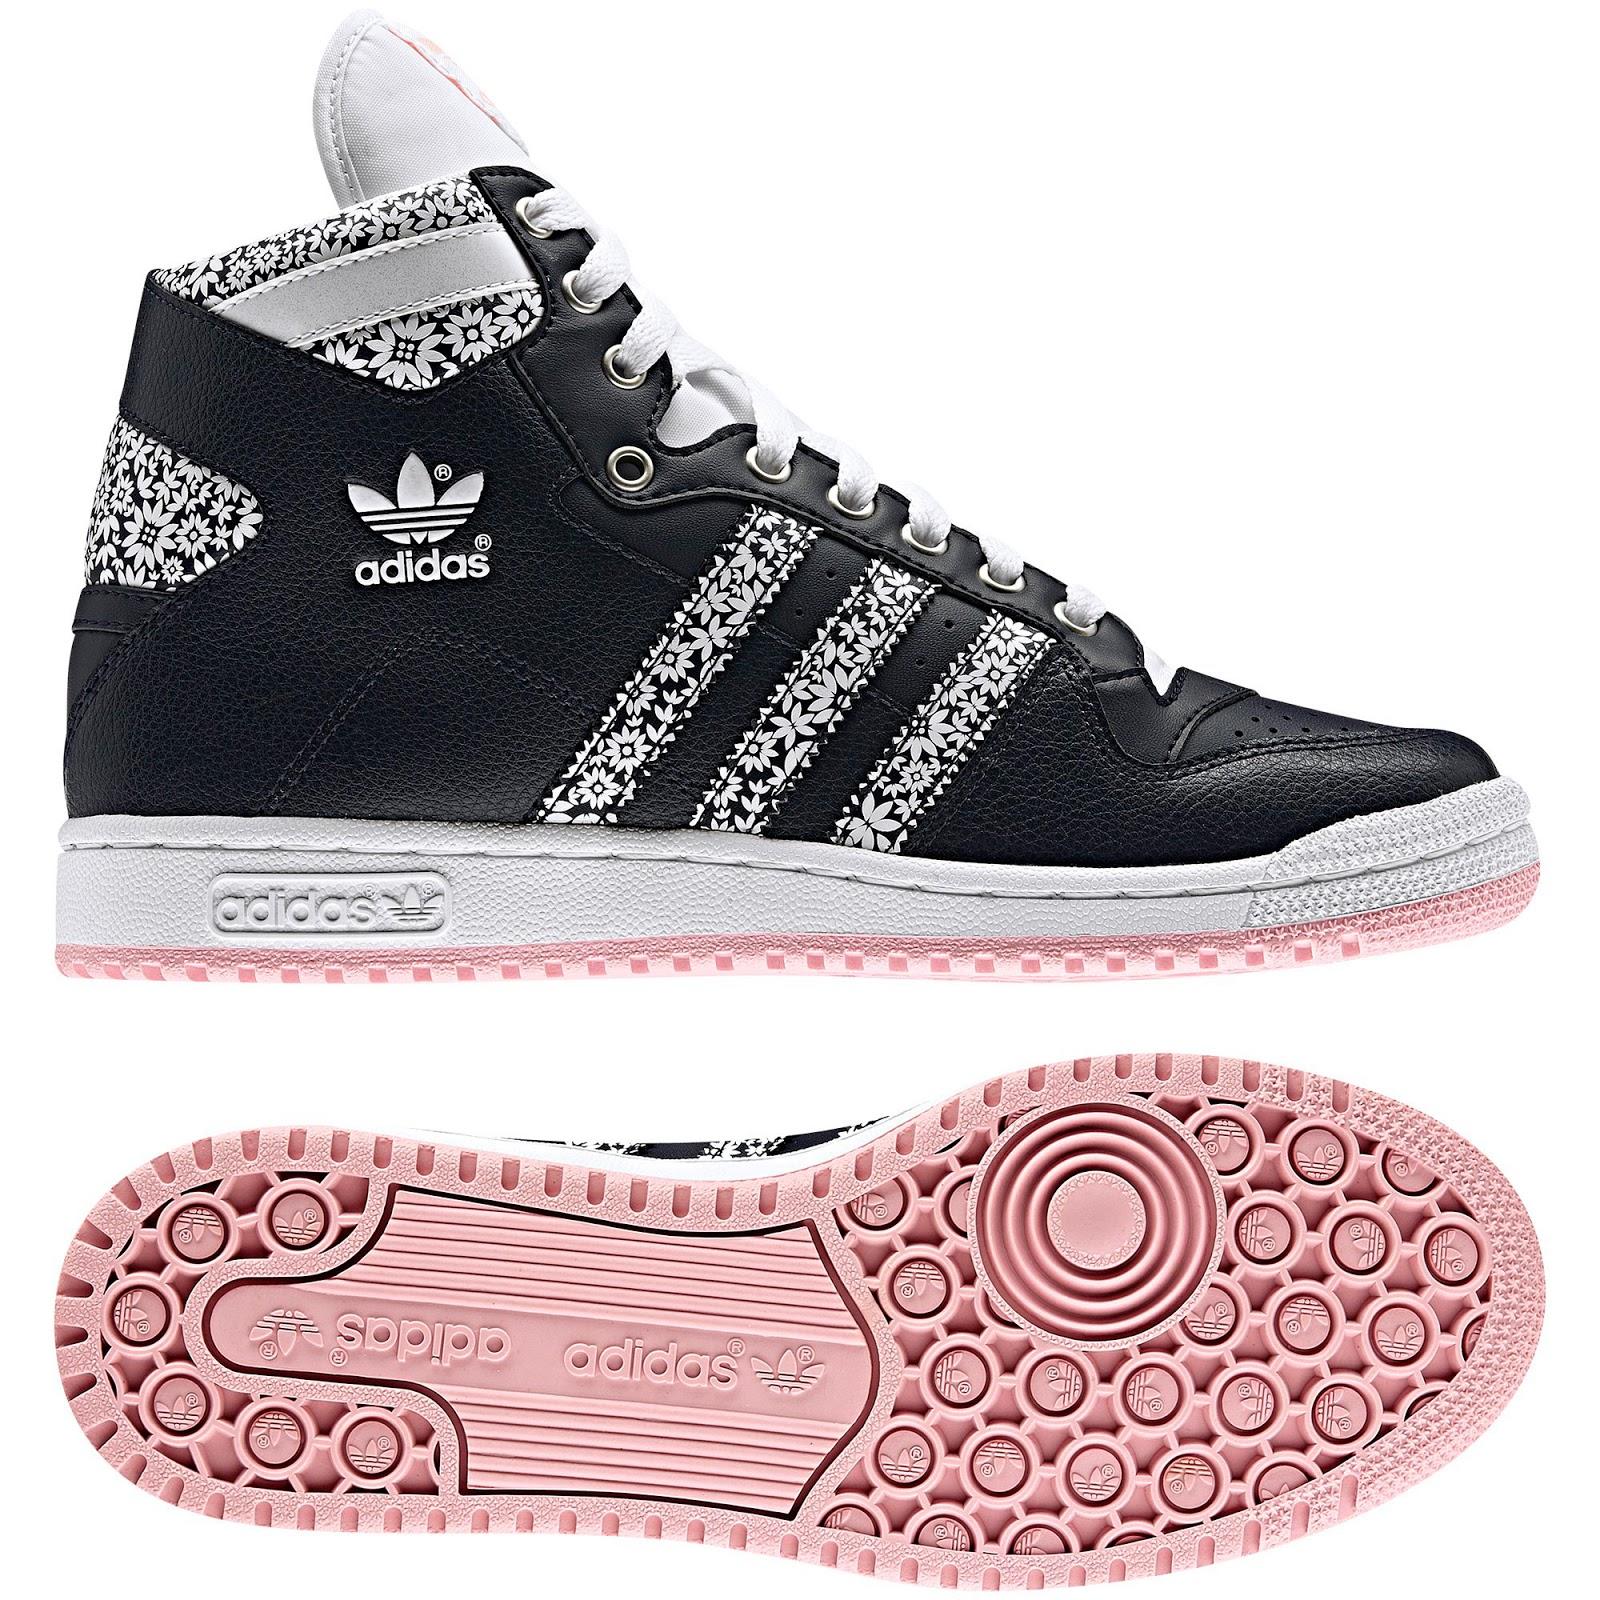 Adidas Originals Zapatillas Mujer 2015